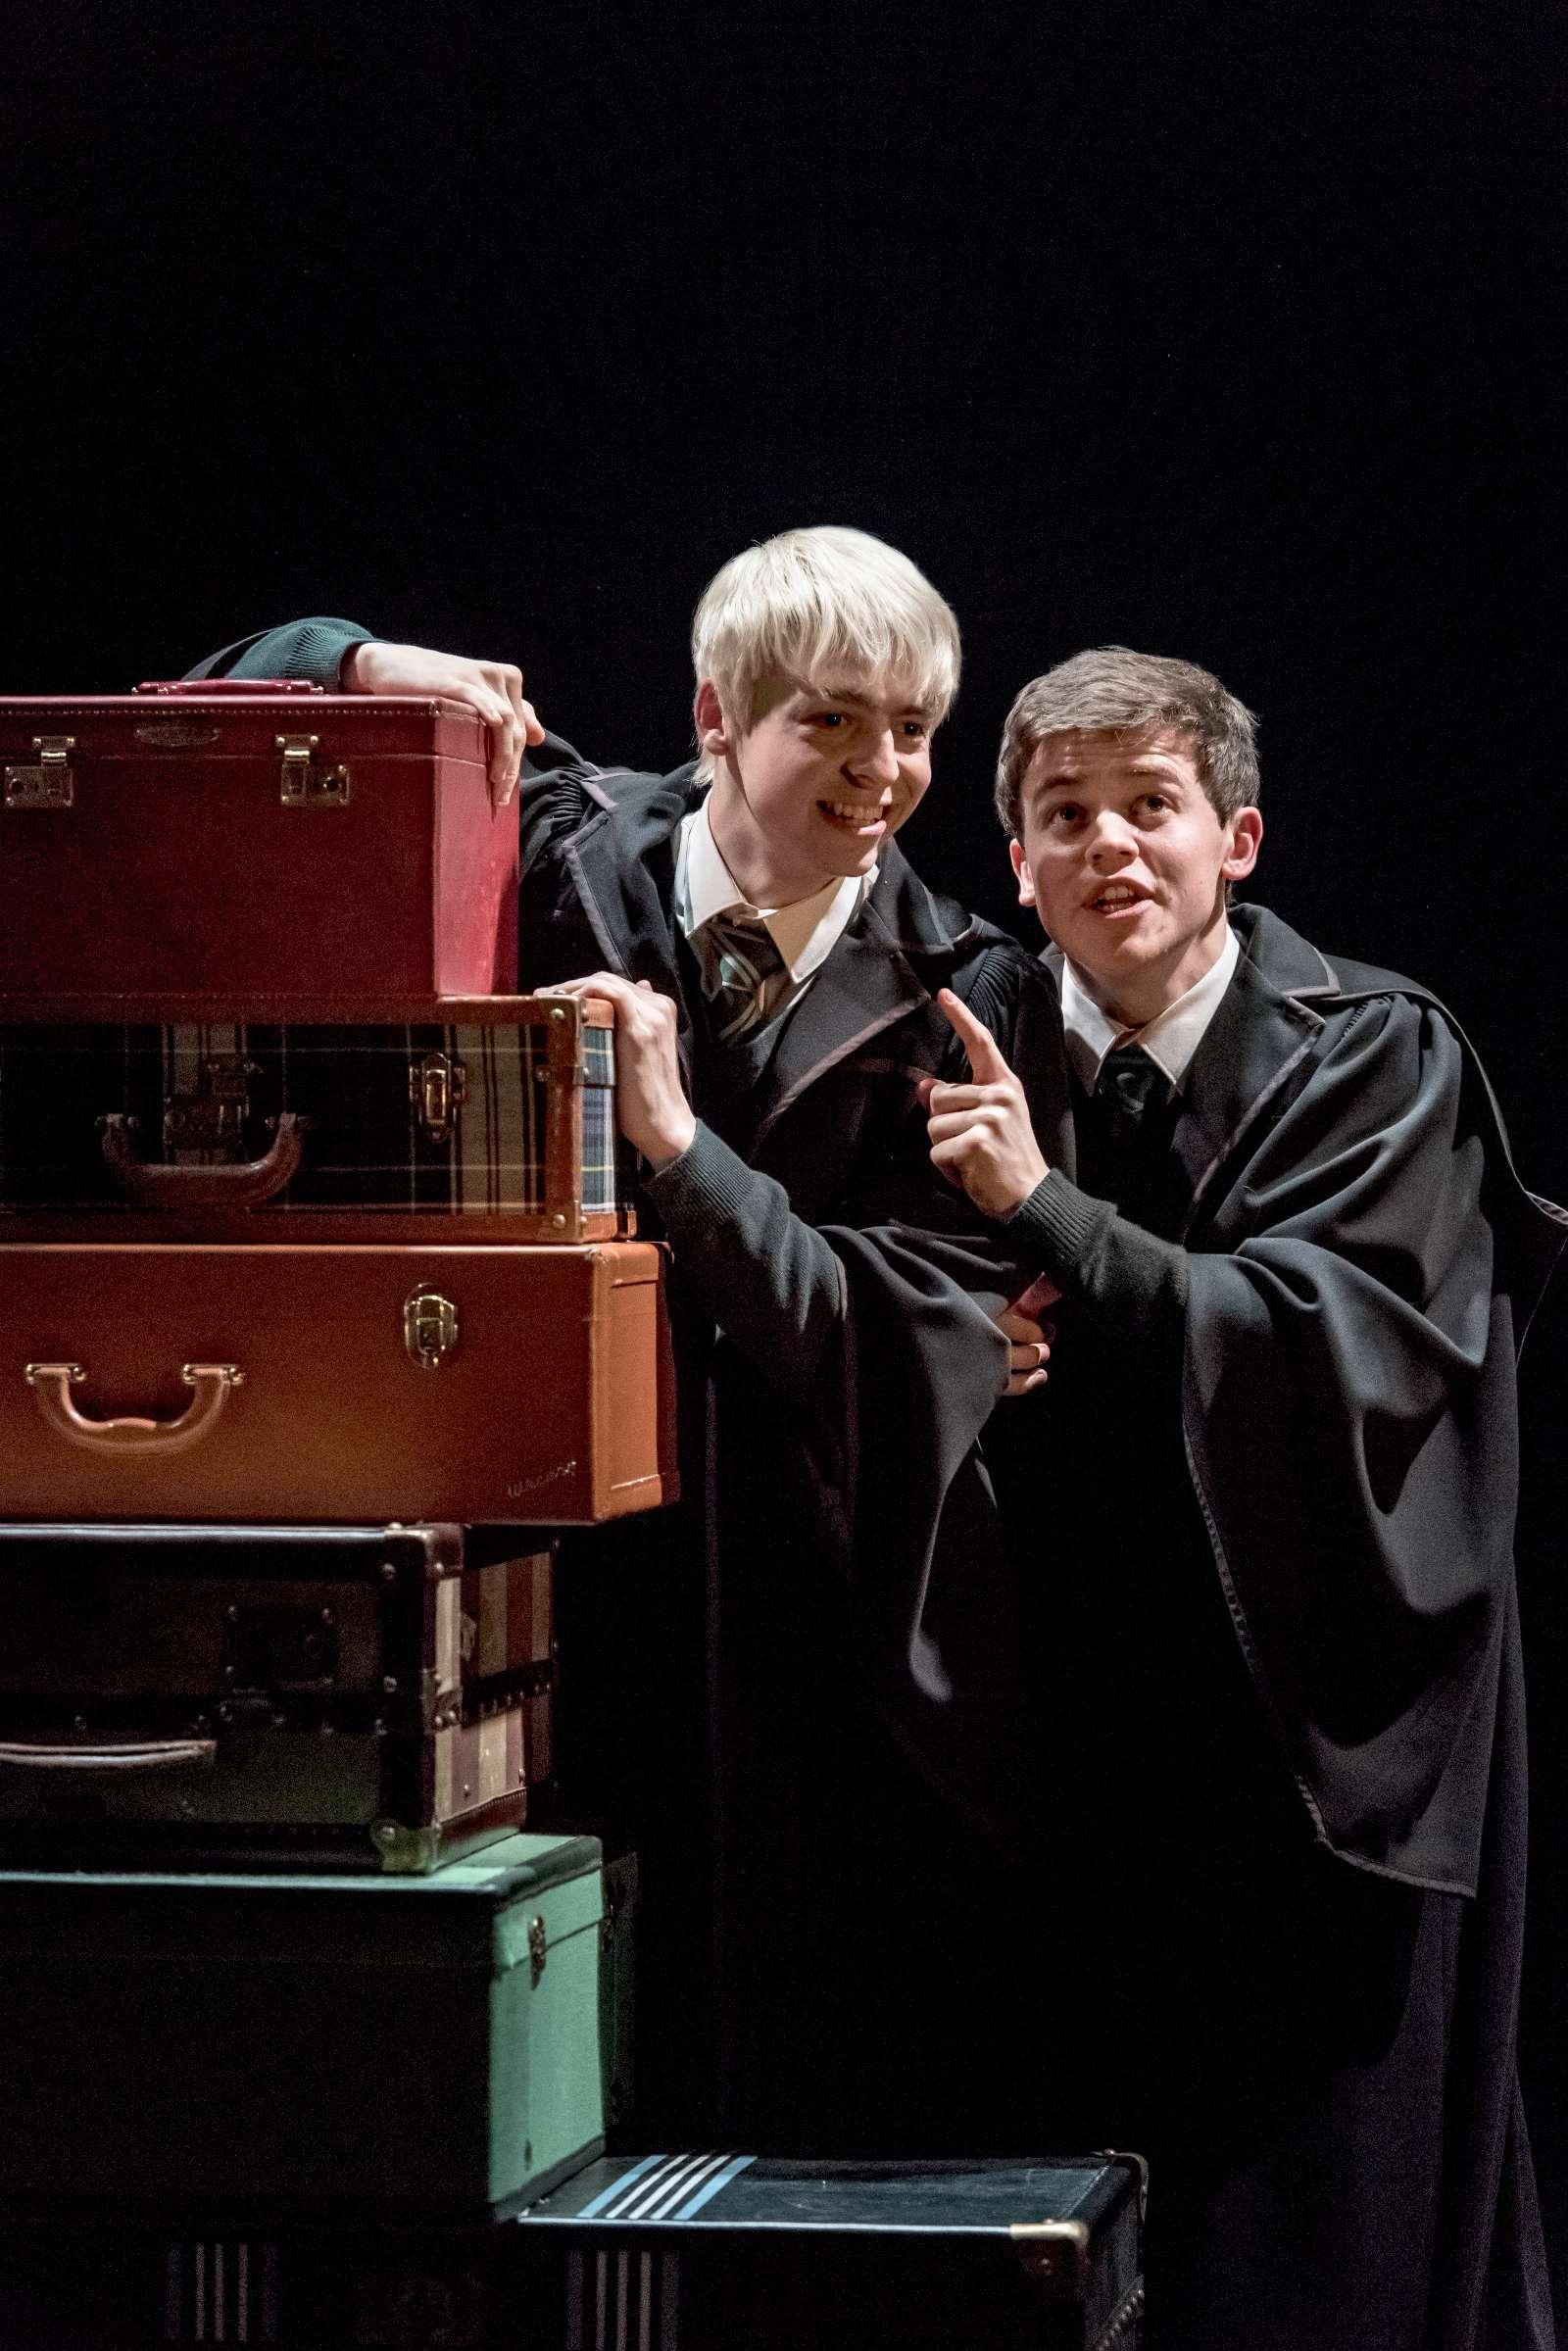 Anthony Boyle e Sam Clemmett interpretam Escórpio Malfoy e Alvo Severo Potter em Hary Potter and the Cursed Child.